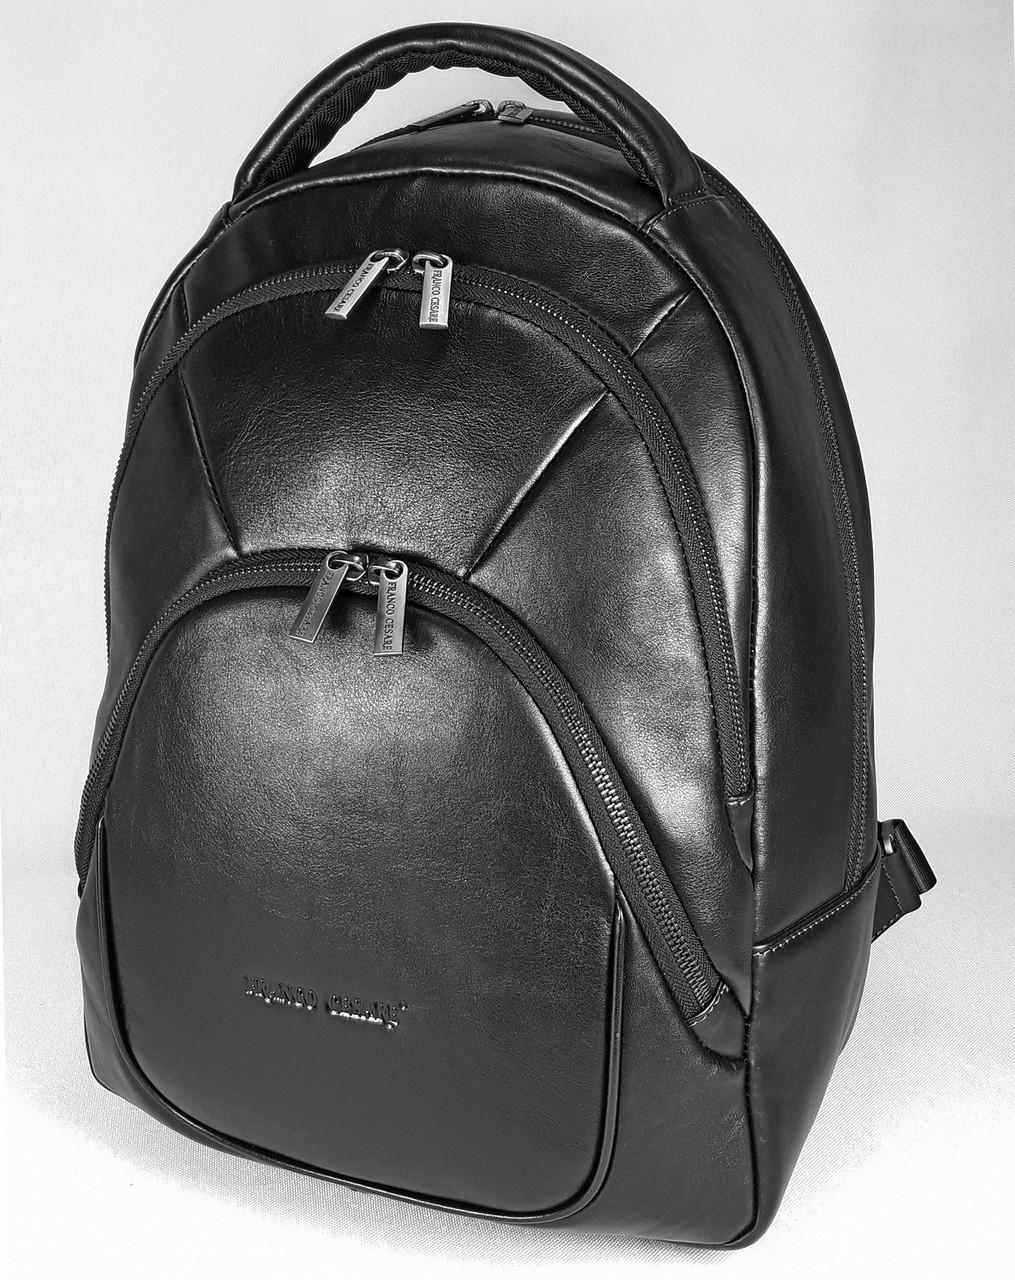 Большой кожаный рюкзак FC-0418-L1 бренда FRANCO CESARE